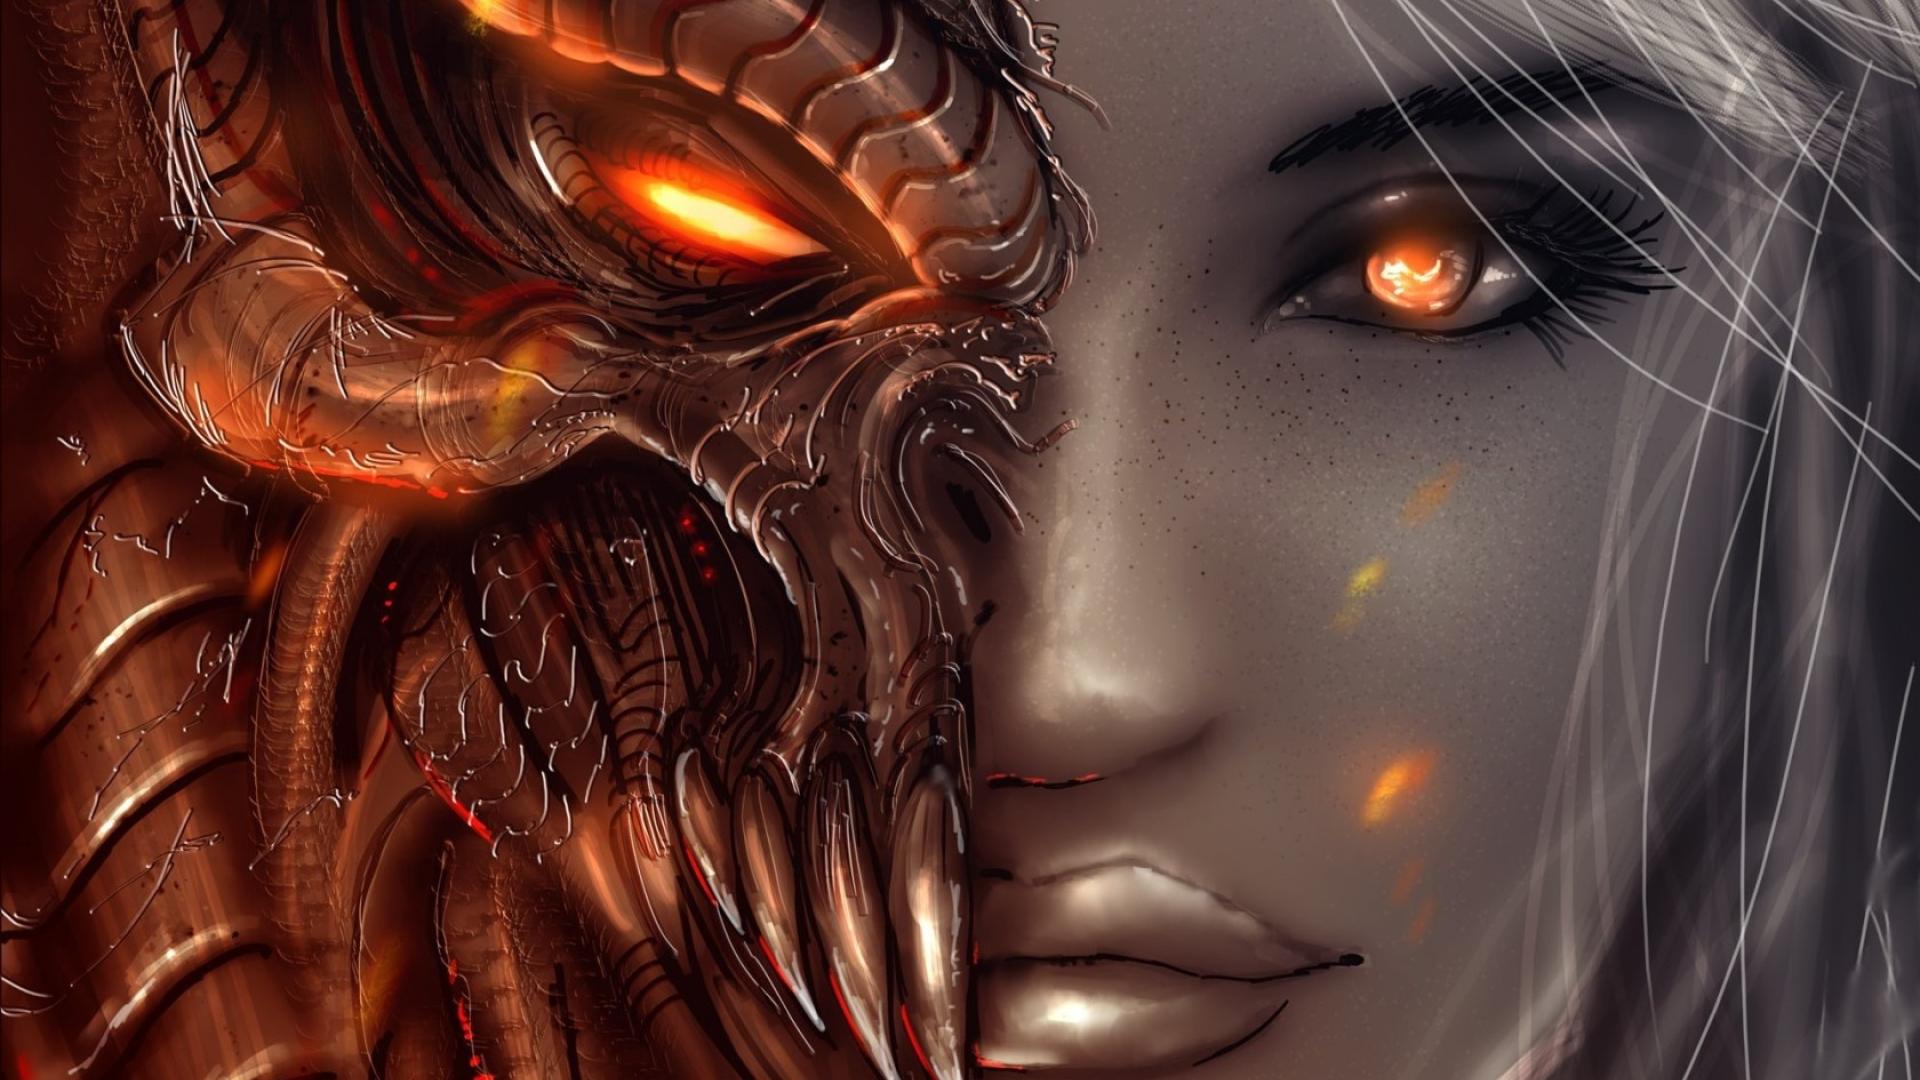 1920x1080 Diablo 3 Art Girl 1080p Laptop Full Hd Wallpaper Hd